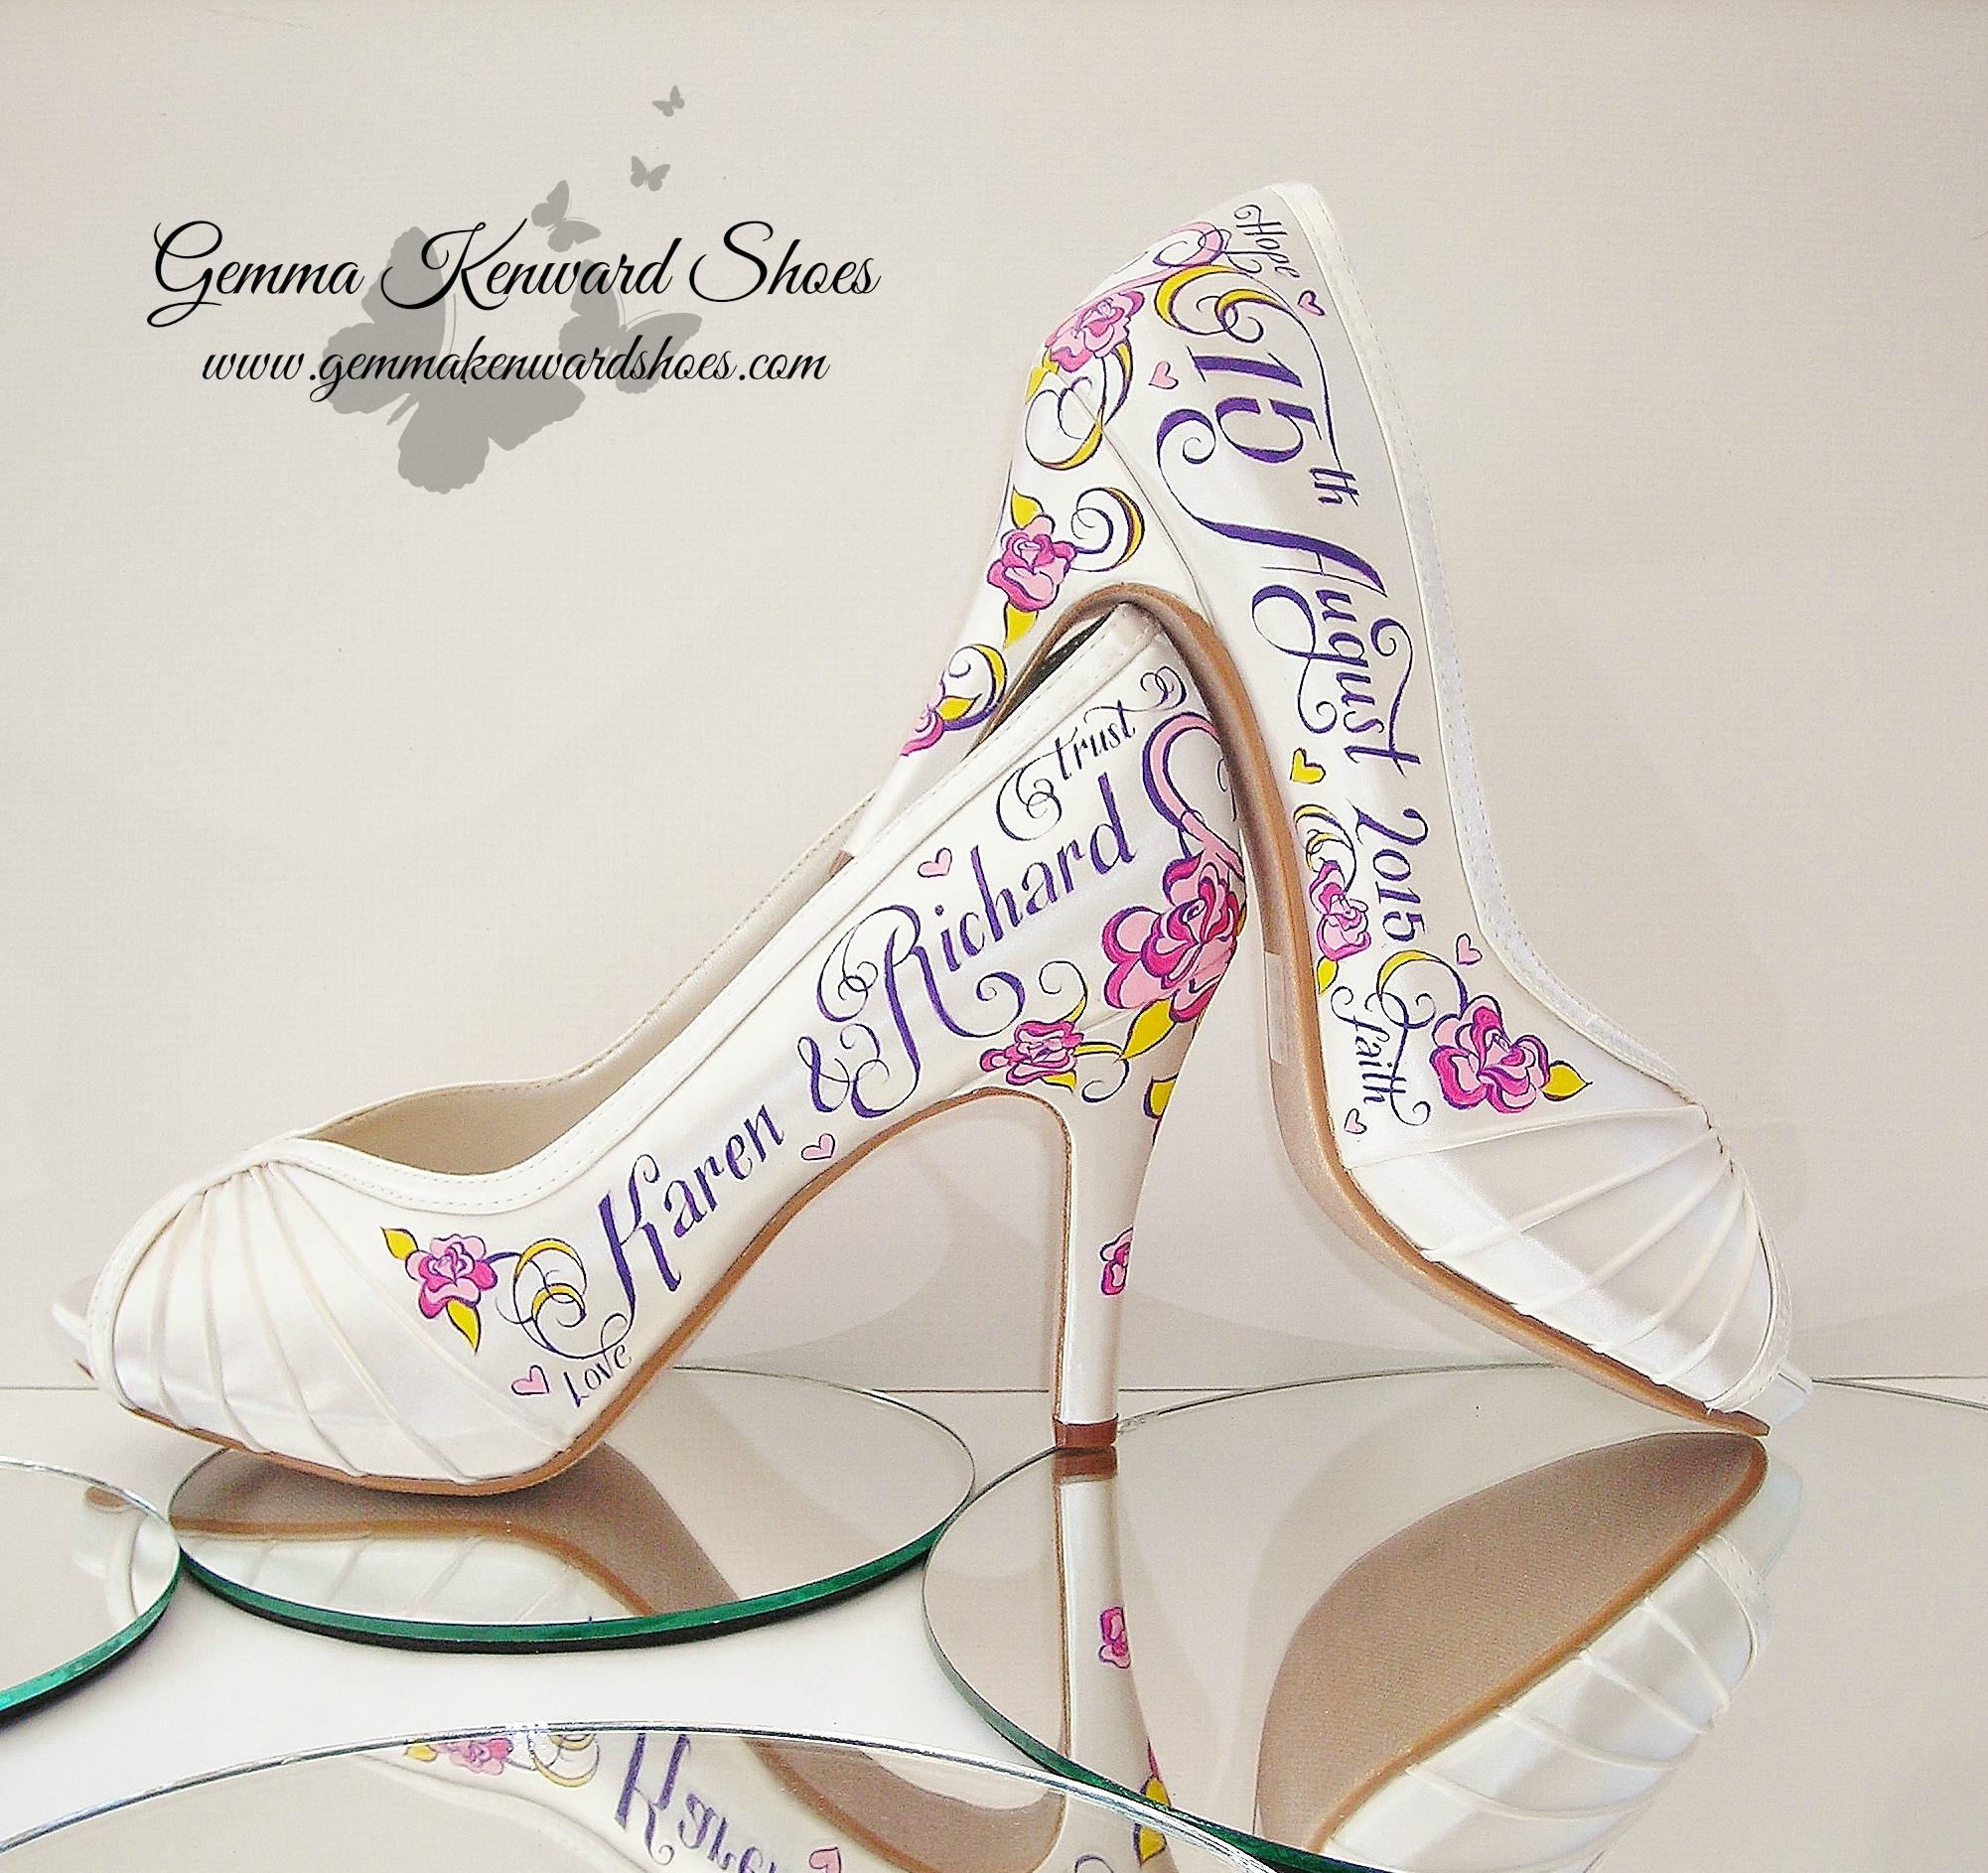 Karens hand painted wedding shoes.JPG